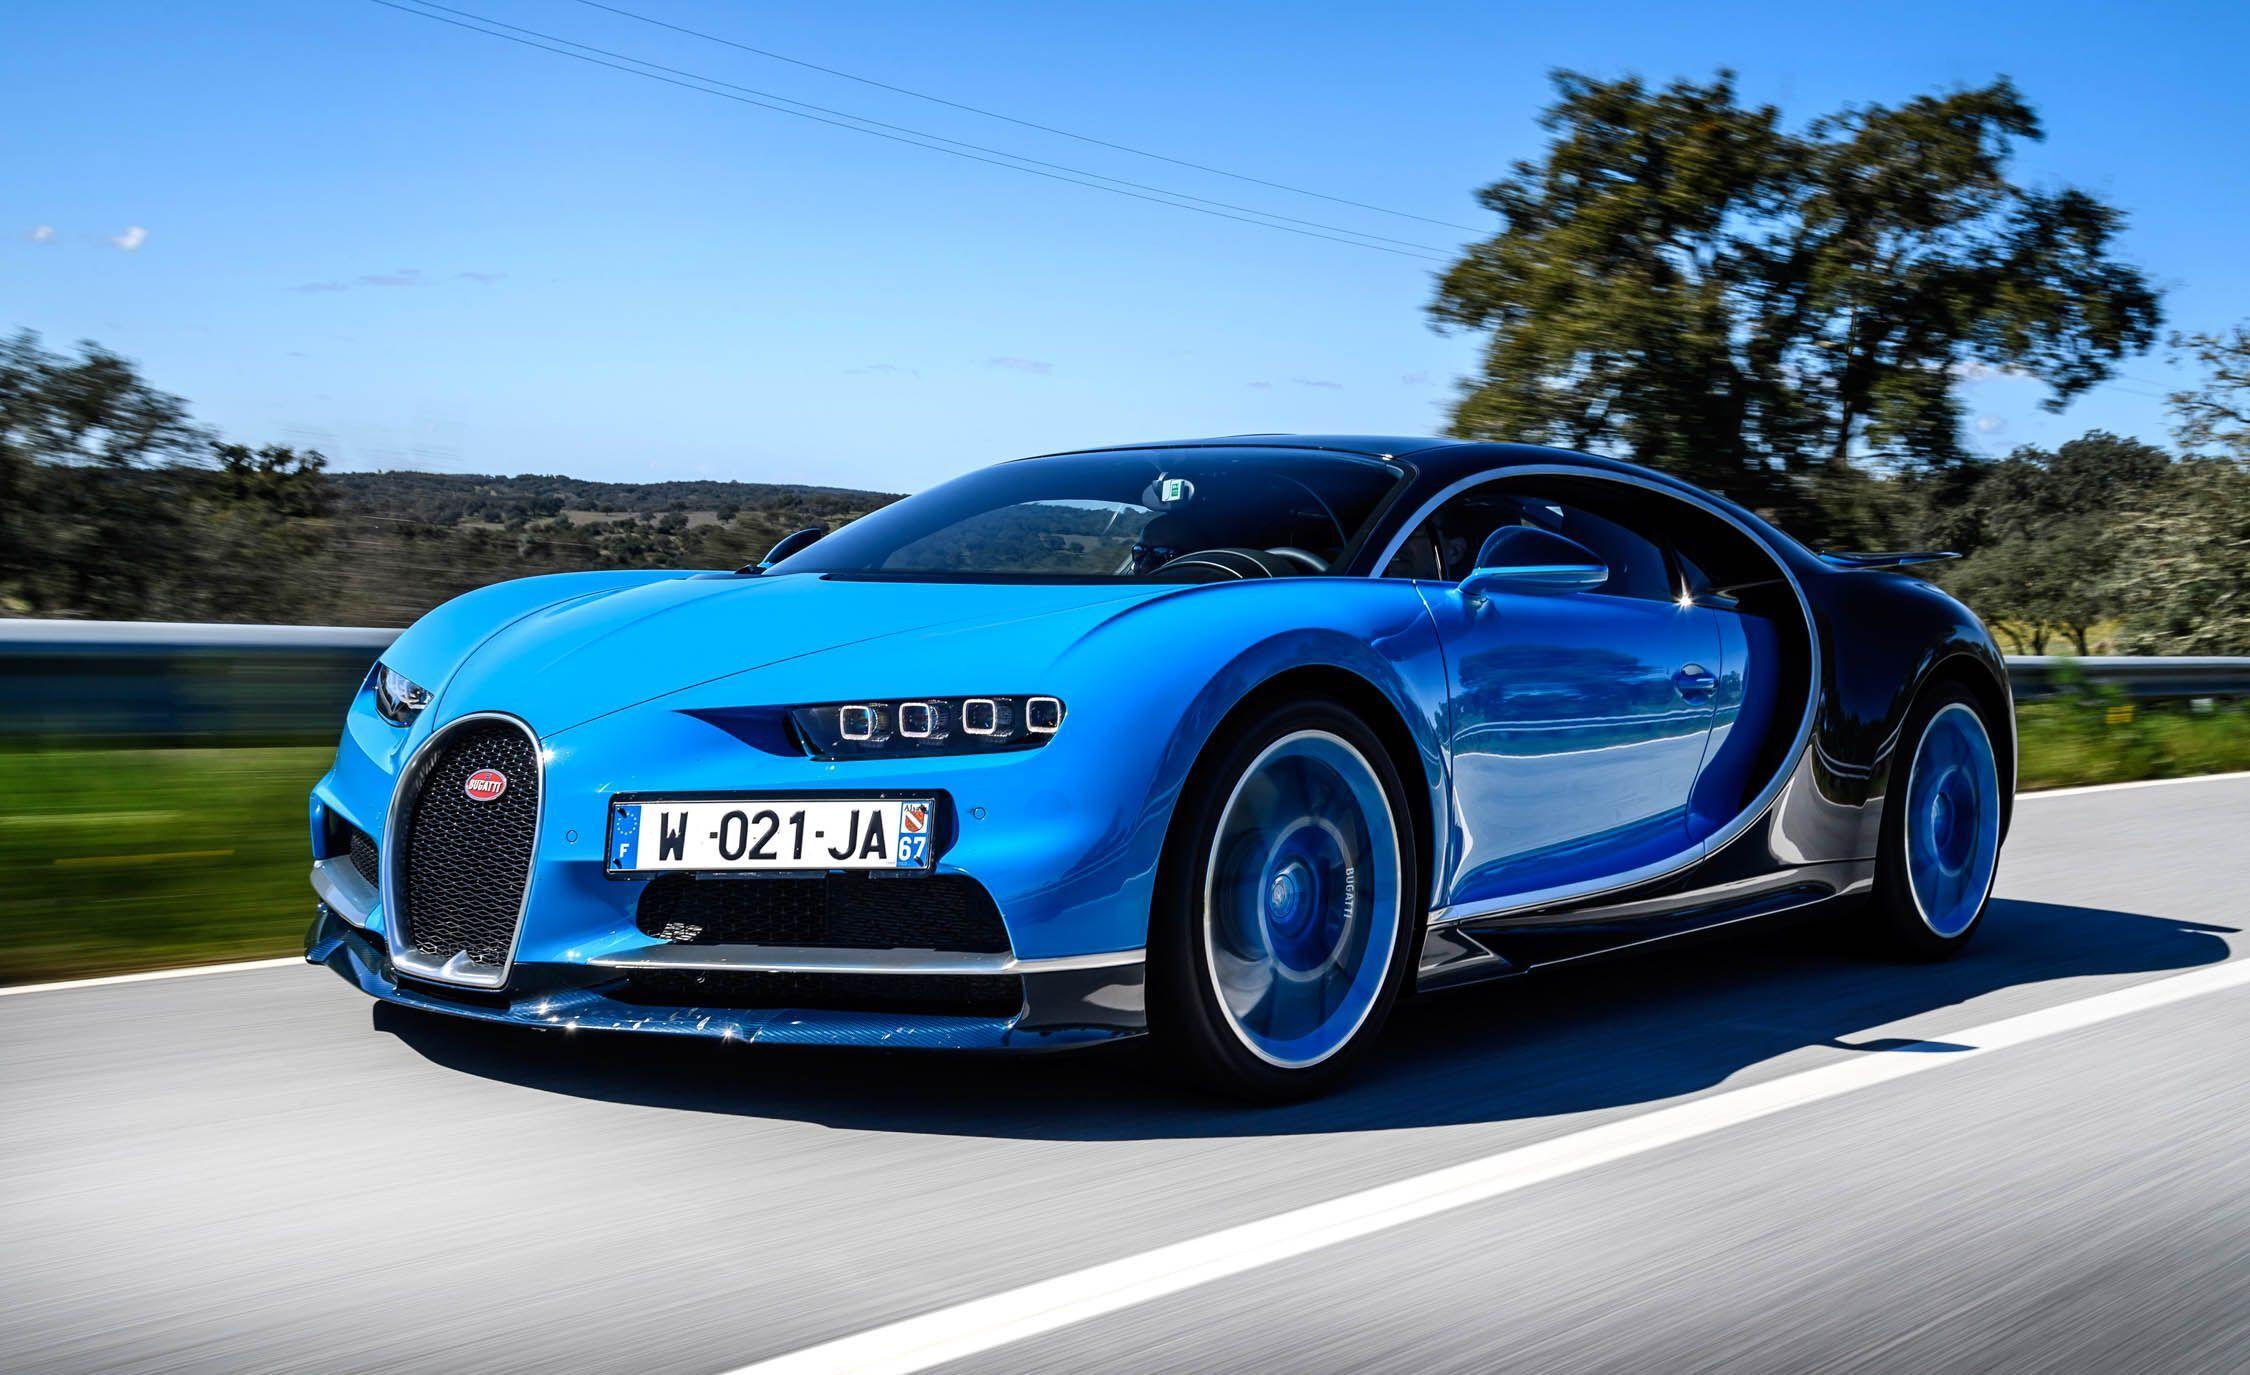 самая дорогая машина в мире (главный ключ)